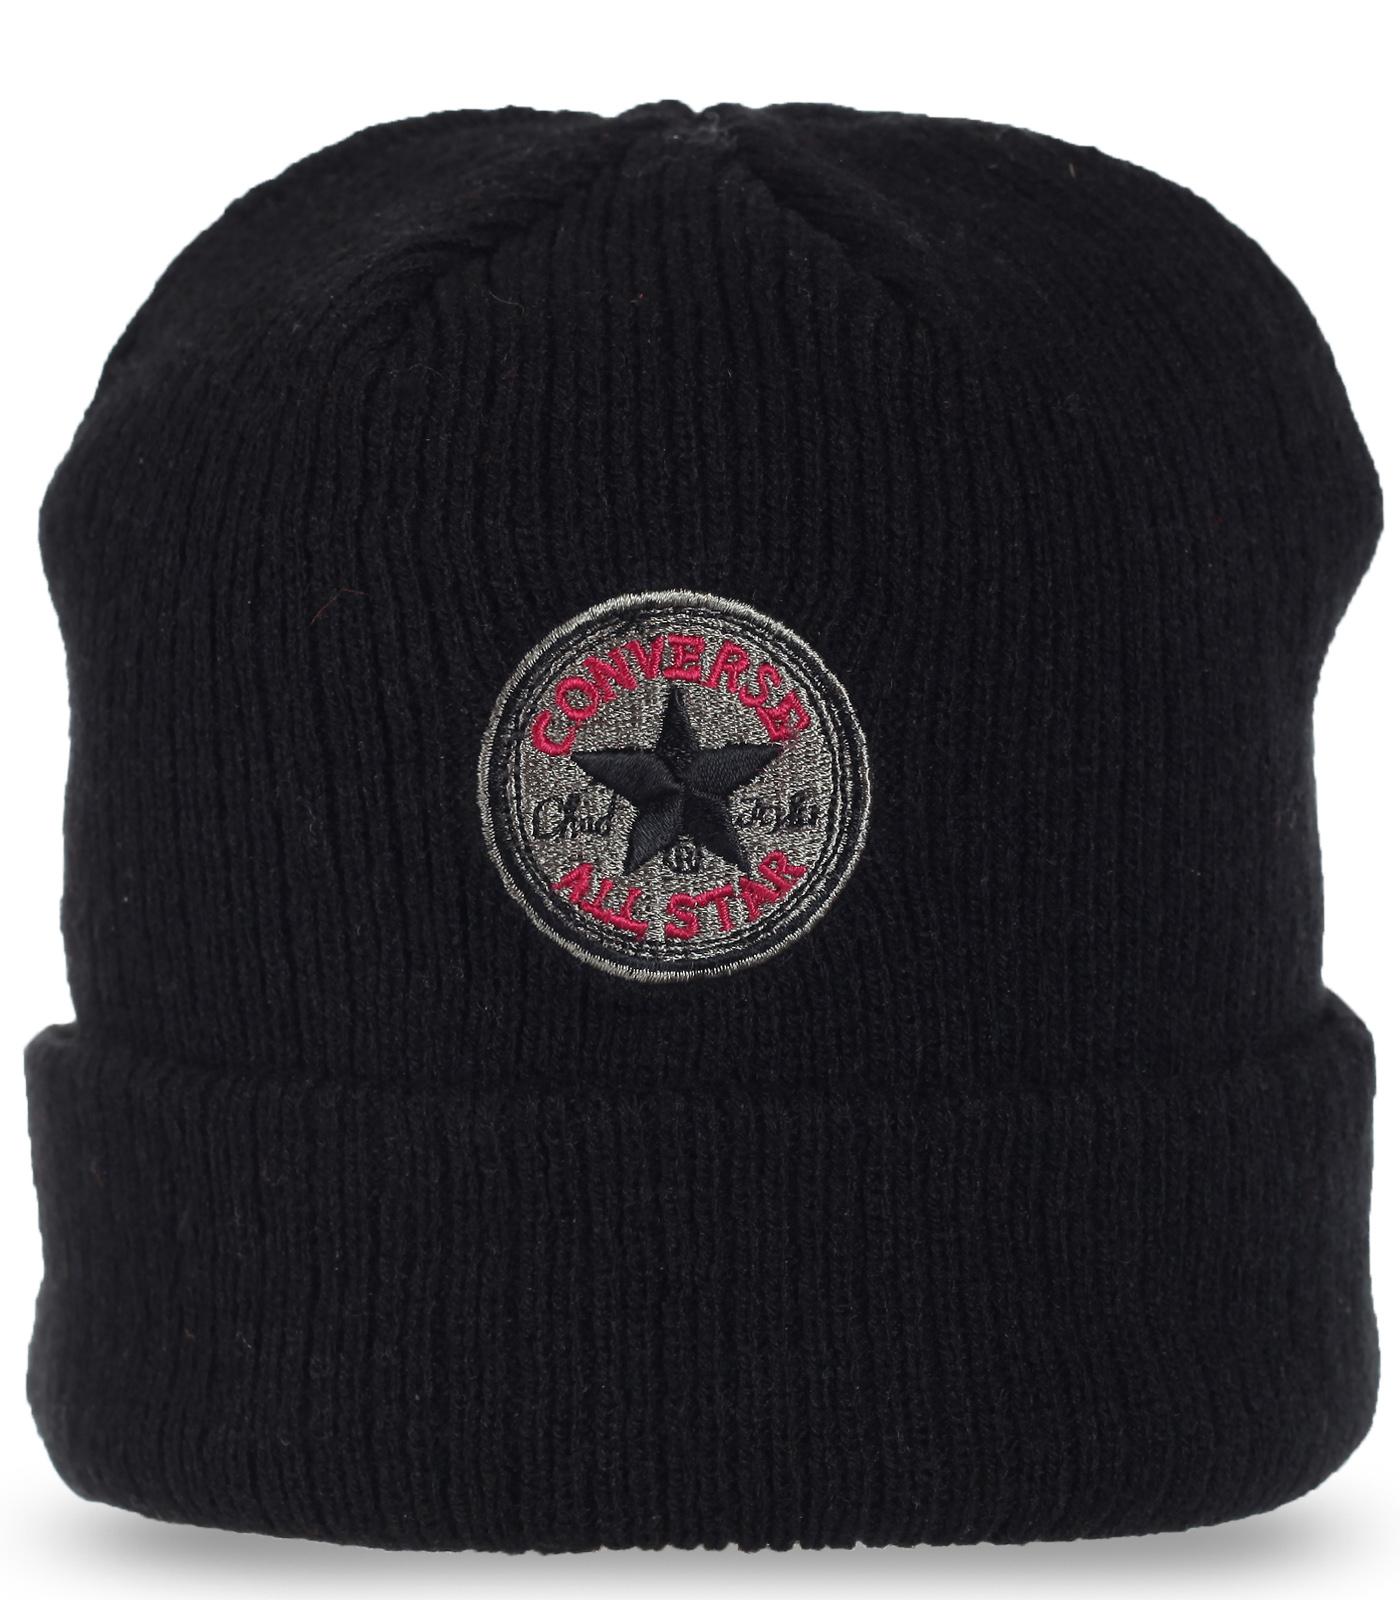 Теплая шапка Converse All Star для брутальных парней. Надежно согреет в любую погоду. Заказывай уверенно!